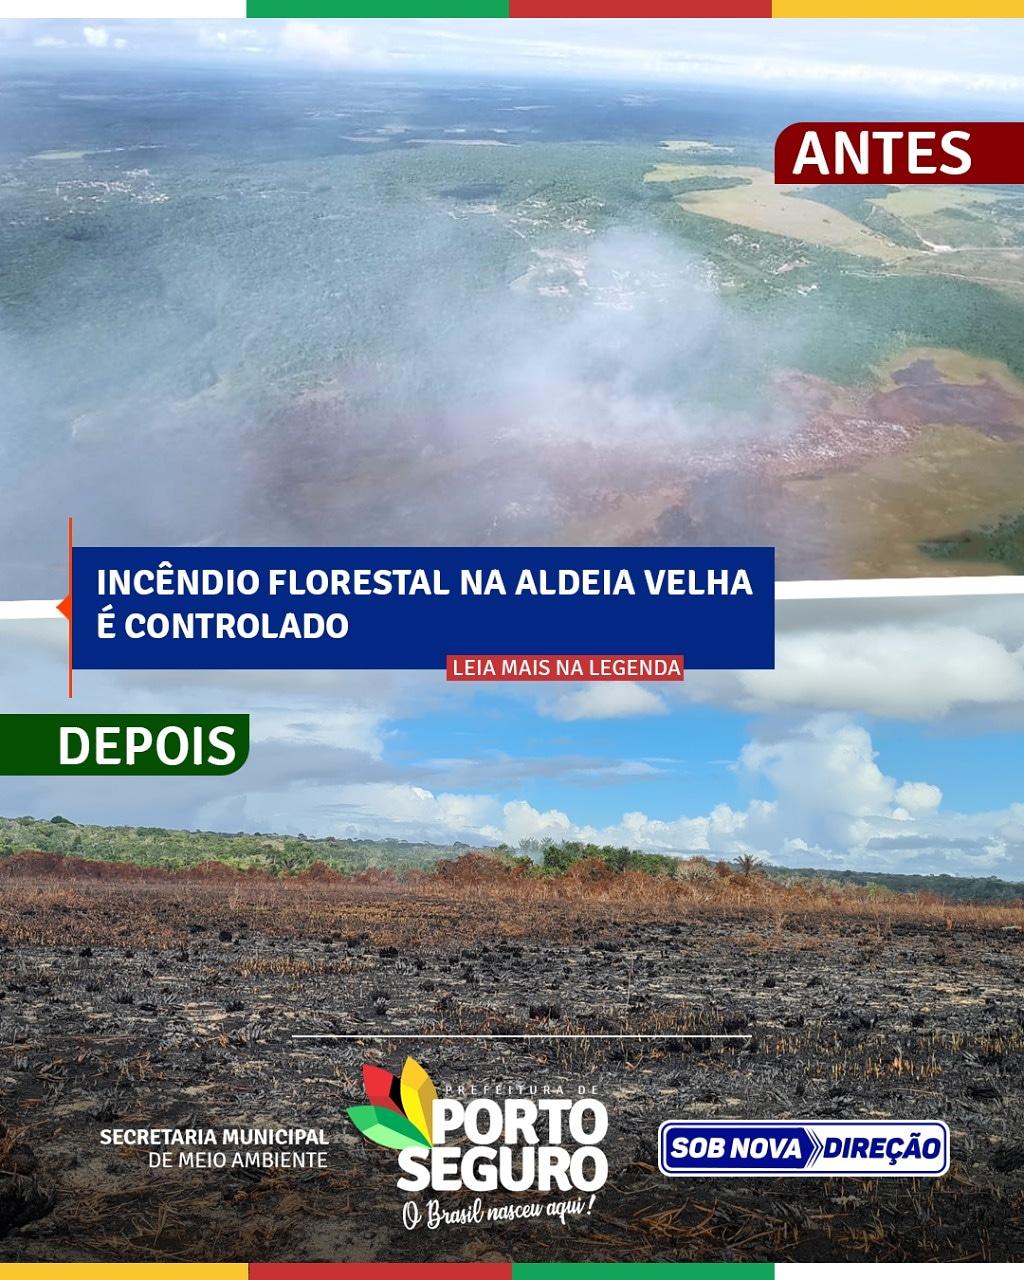 Incêndio florestal na Aldeia Velha é controlado 18